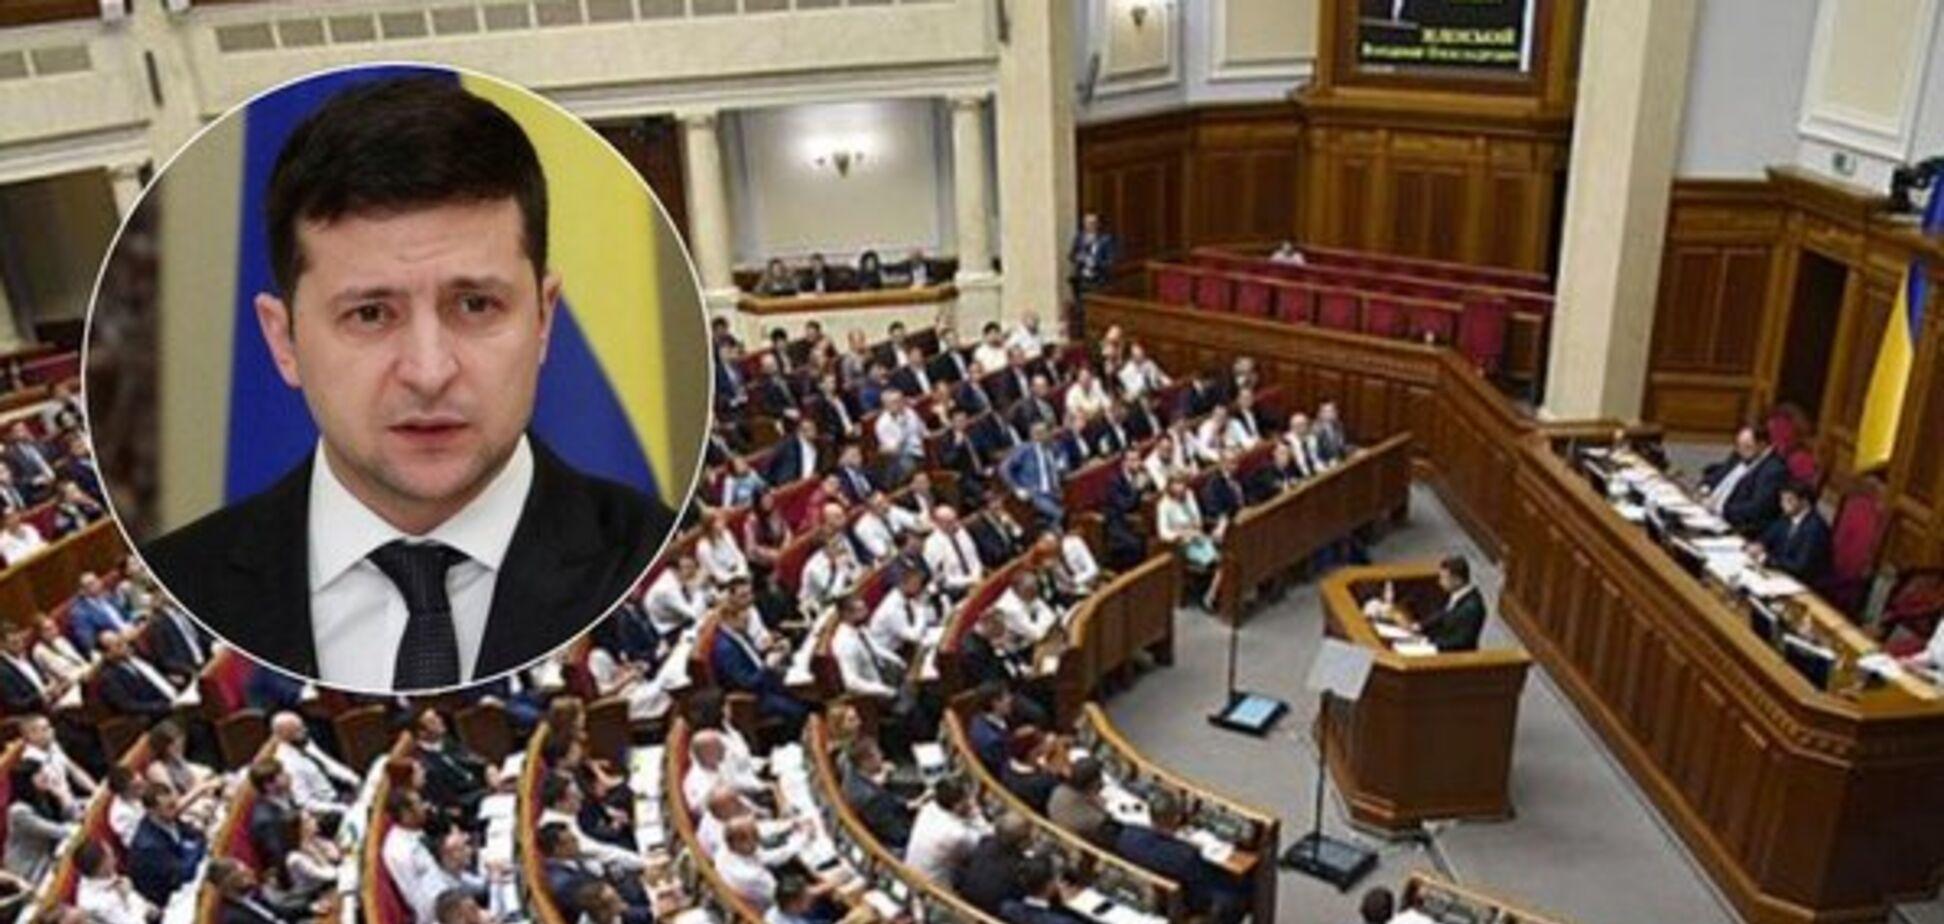 Верховная Рада проголосует за изменения в бюджет и законы по коронавирусу